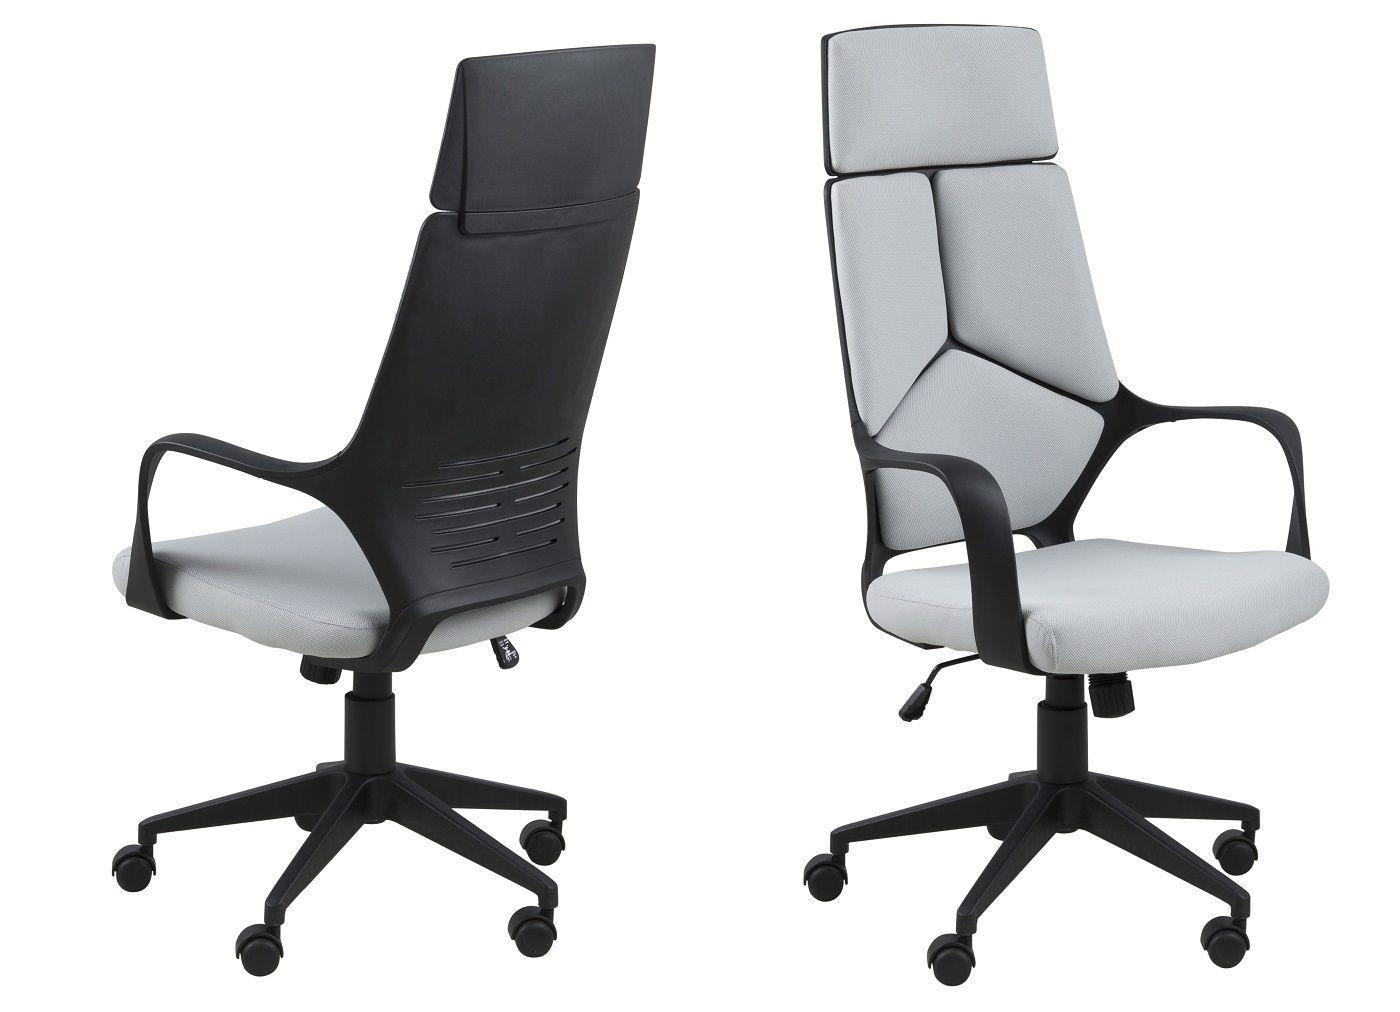 Jura Kontorstol - Grå - høj ryg - Skrivebordsstol med høj ryg